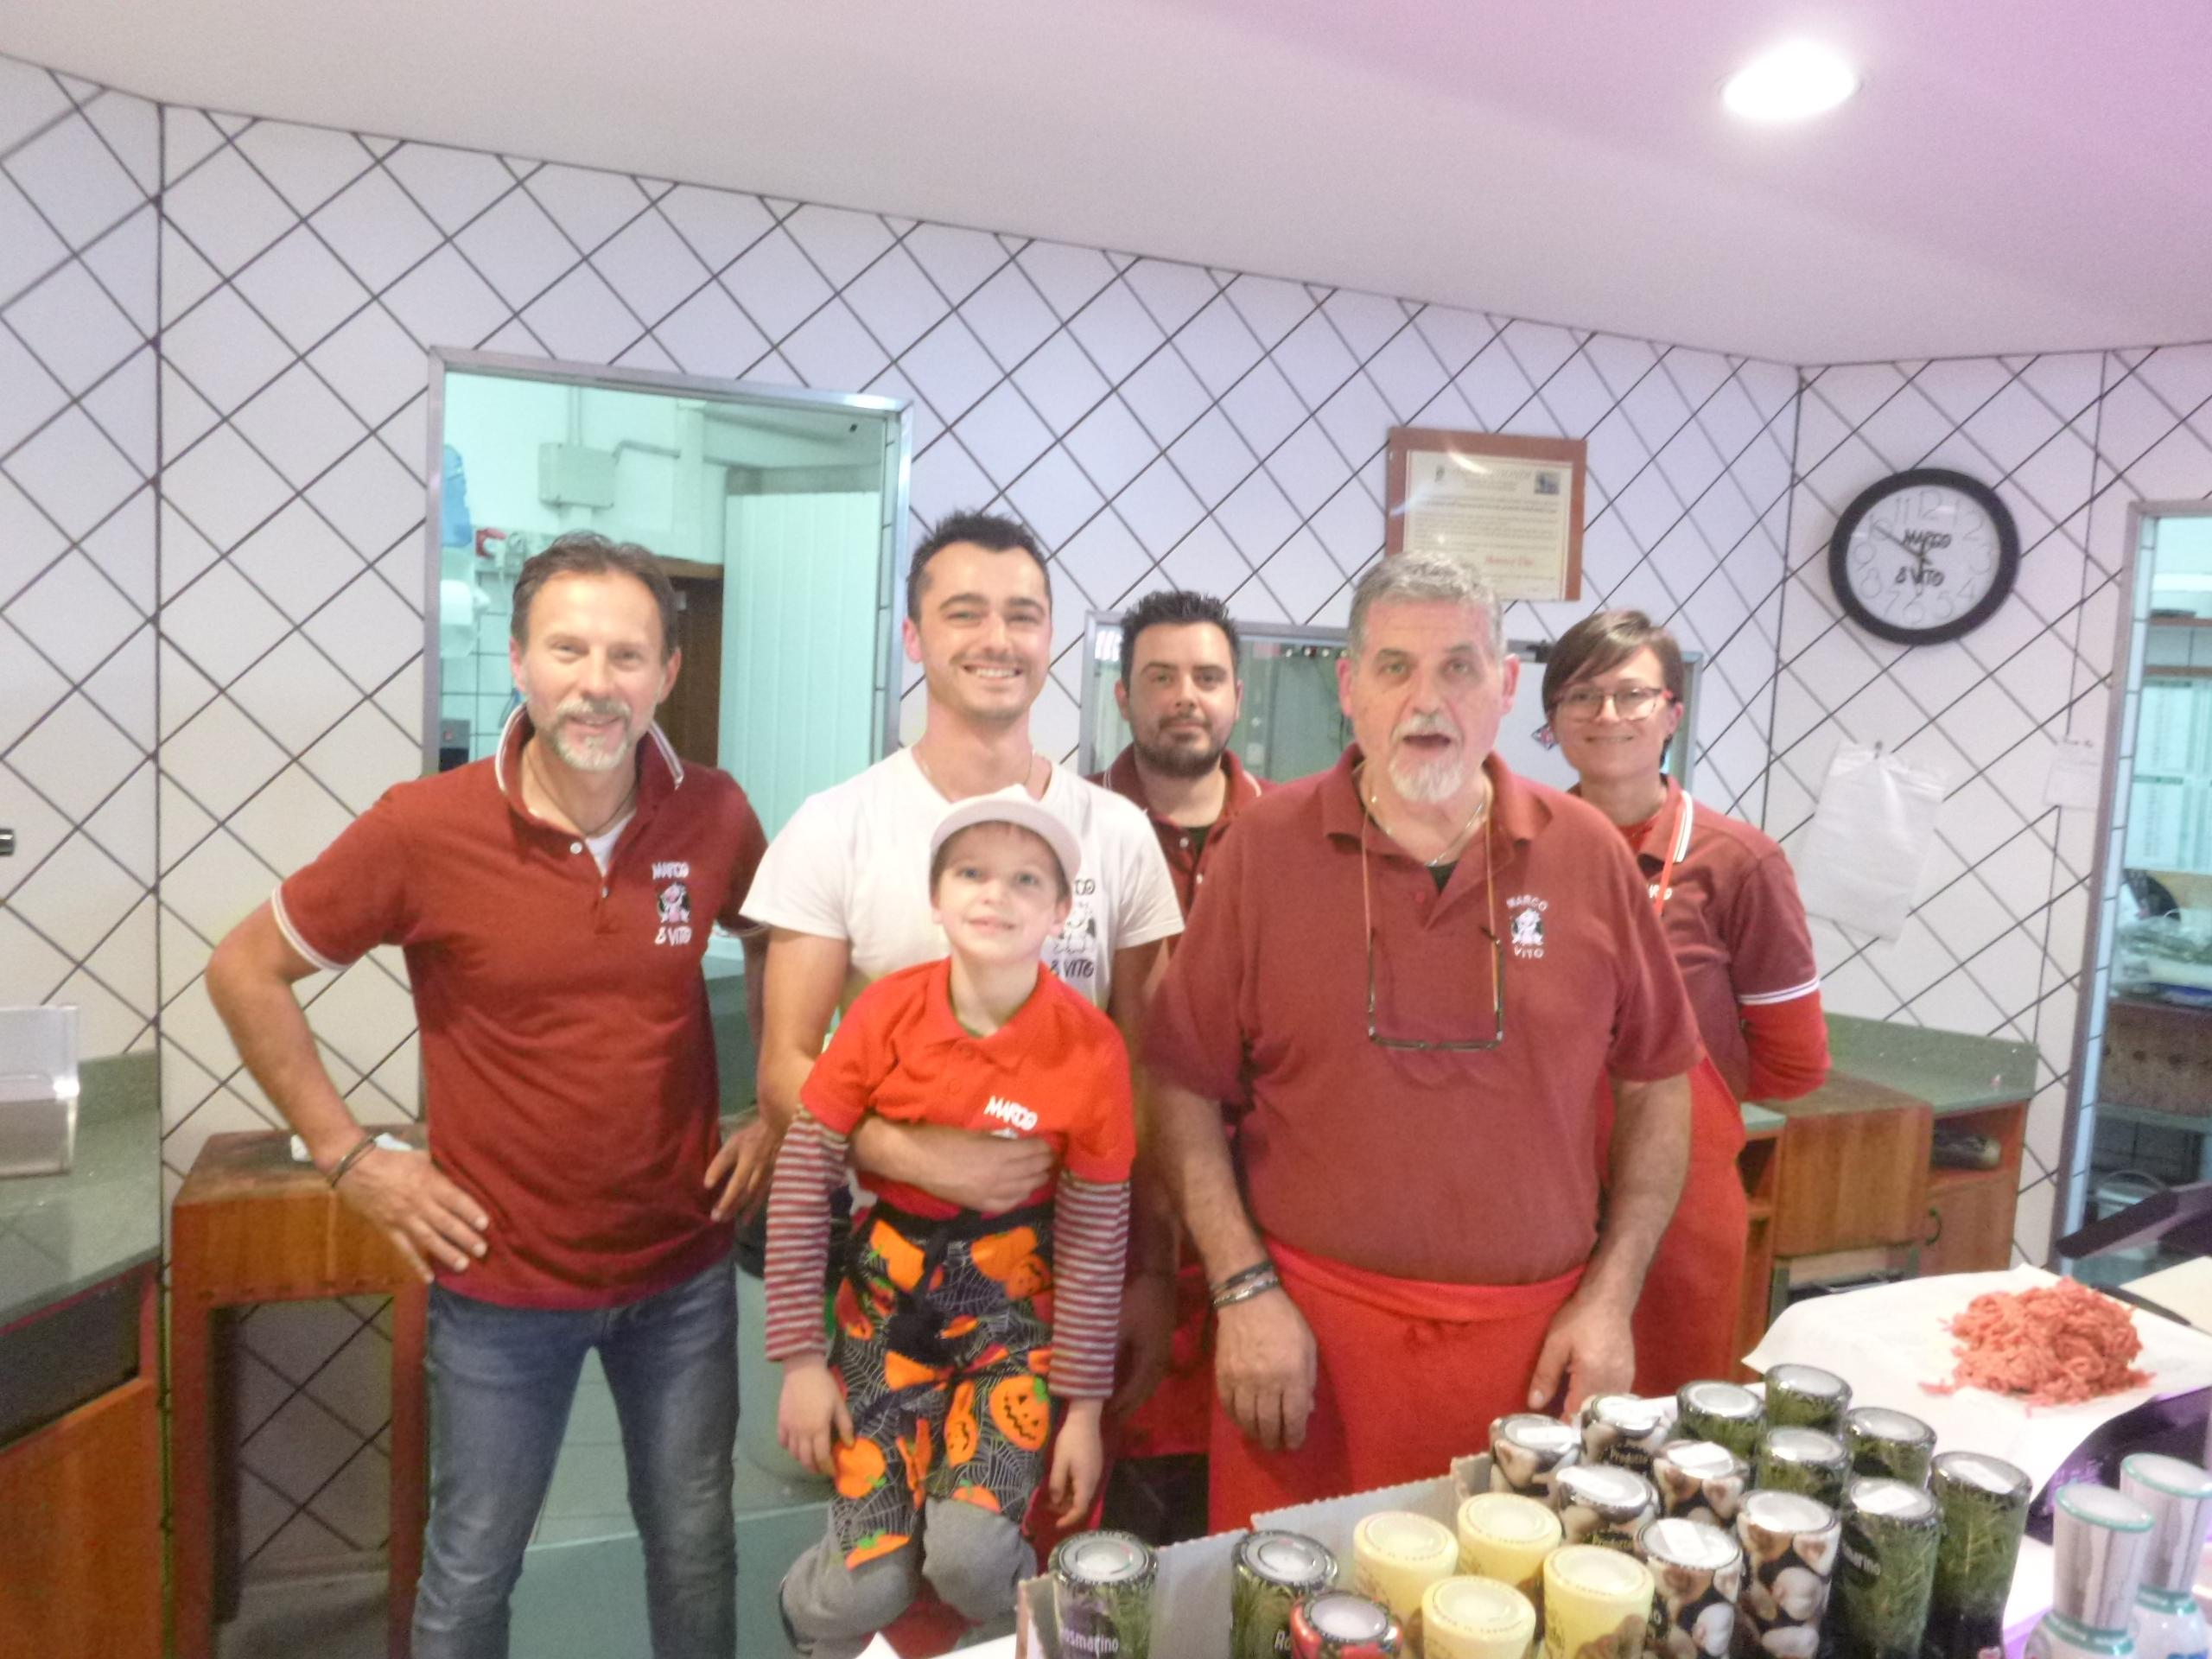 Marco e Vito | Gastronomia e Macelleria a Forlì